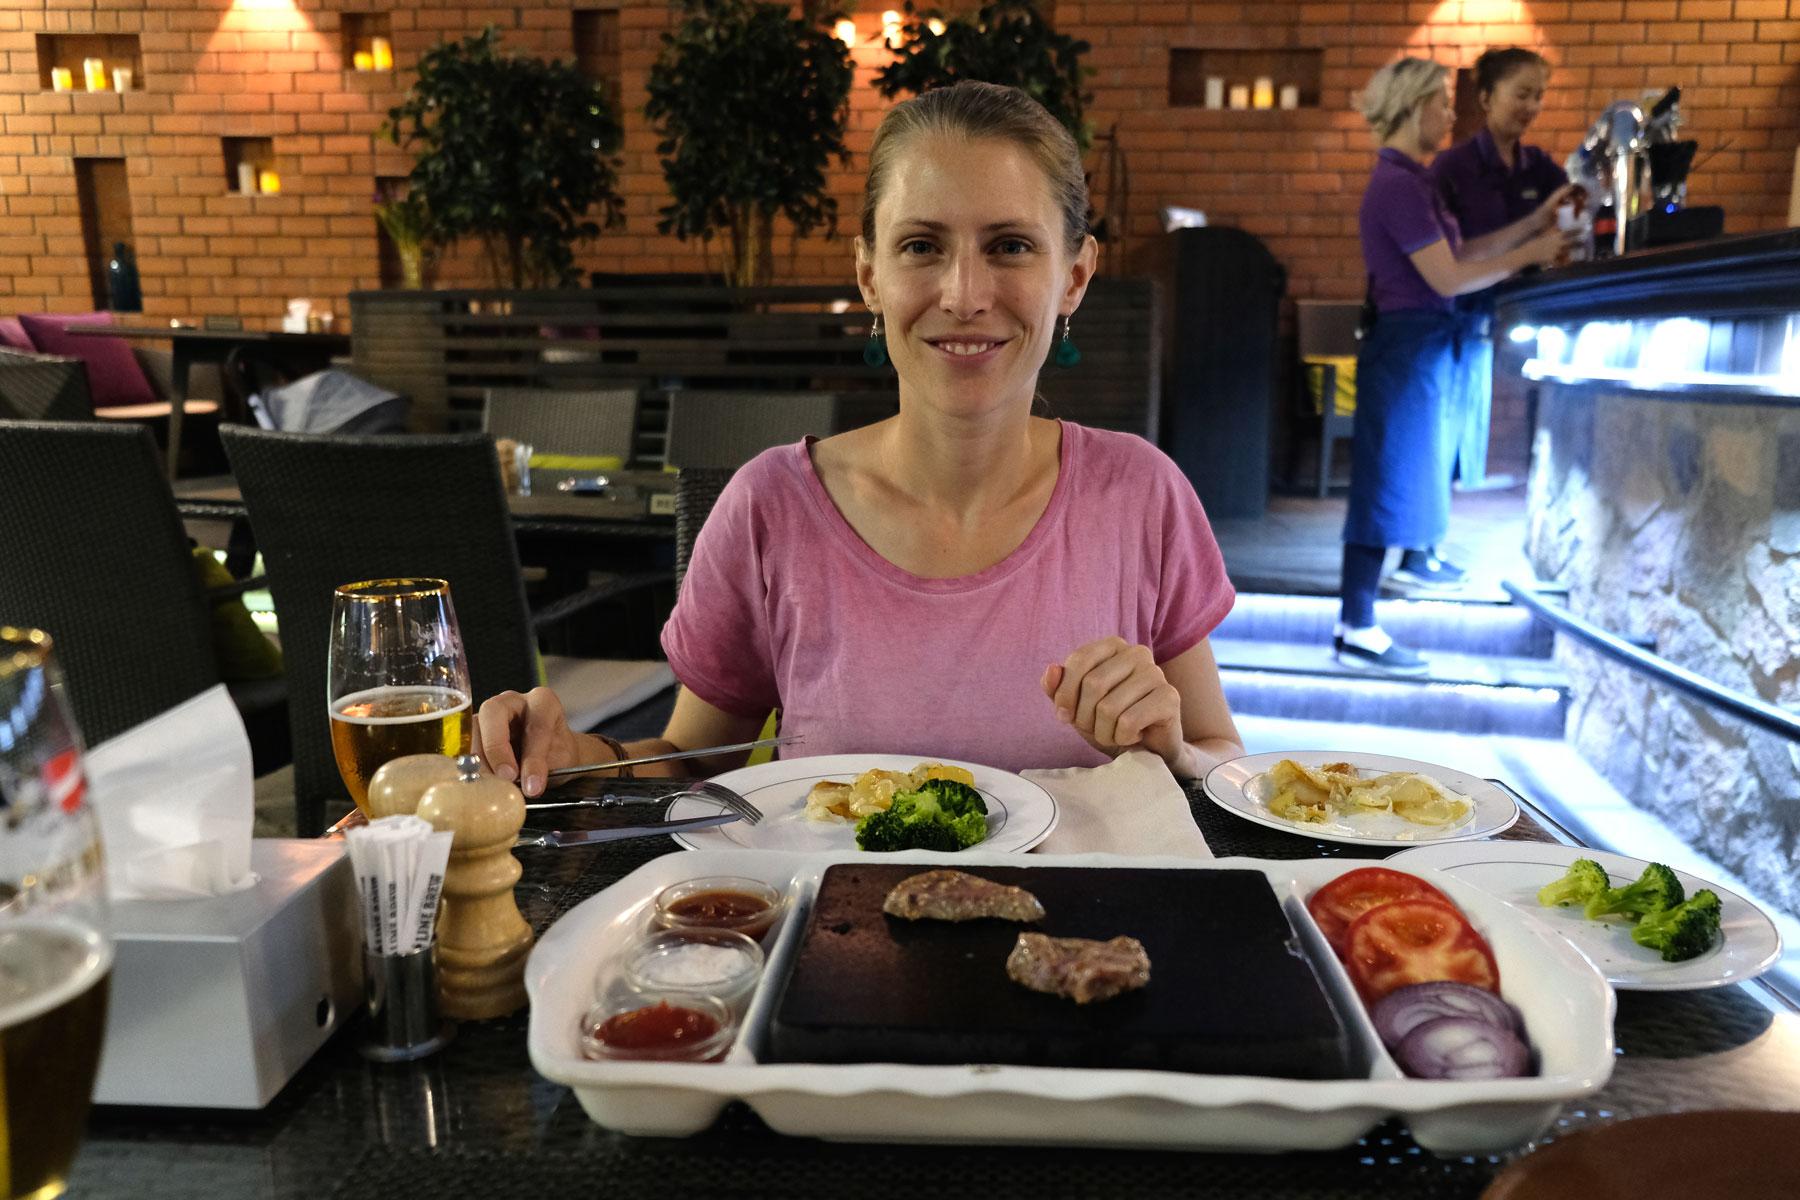 Leo in einem Restaurant. Auf dem Tisch steht eine Steinplatte, auf der Fleisch gebraten wird.